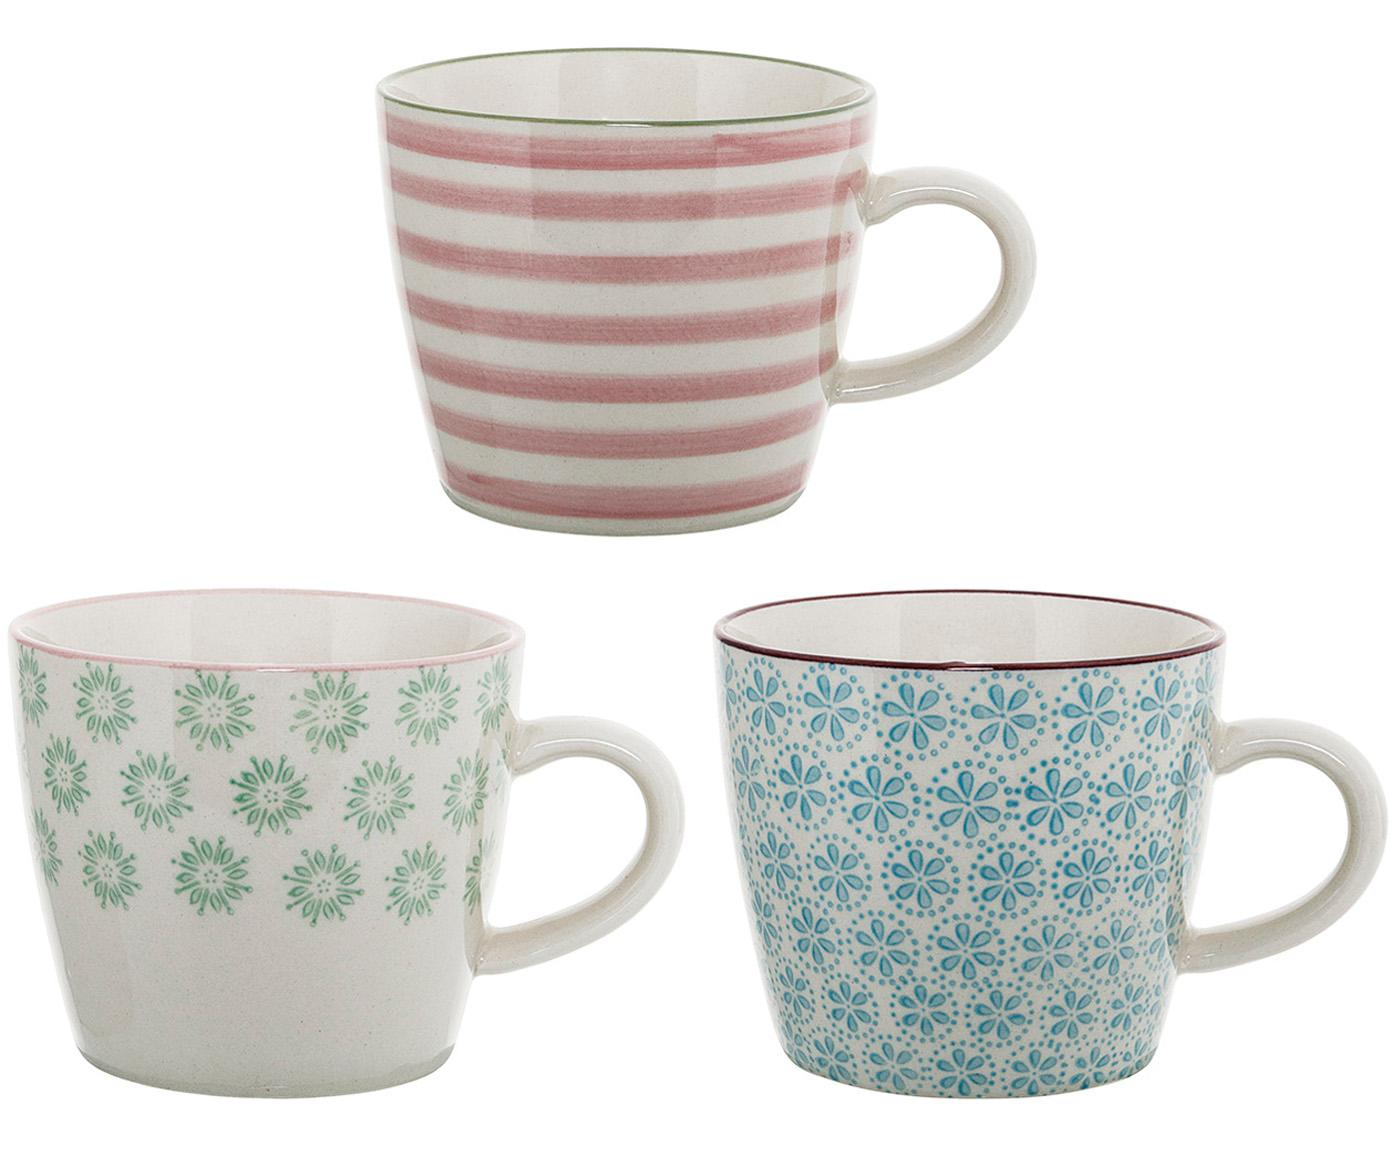 Handbemalte Tassen Patrizia mit kleinem Muster, 3er-Set, Steingut, Weiß, Grün, Blau, Rot, Ø 10 x H 8 cm